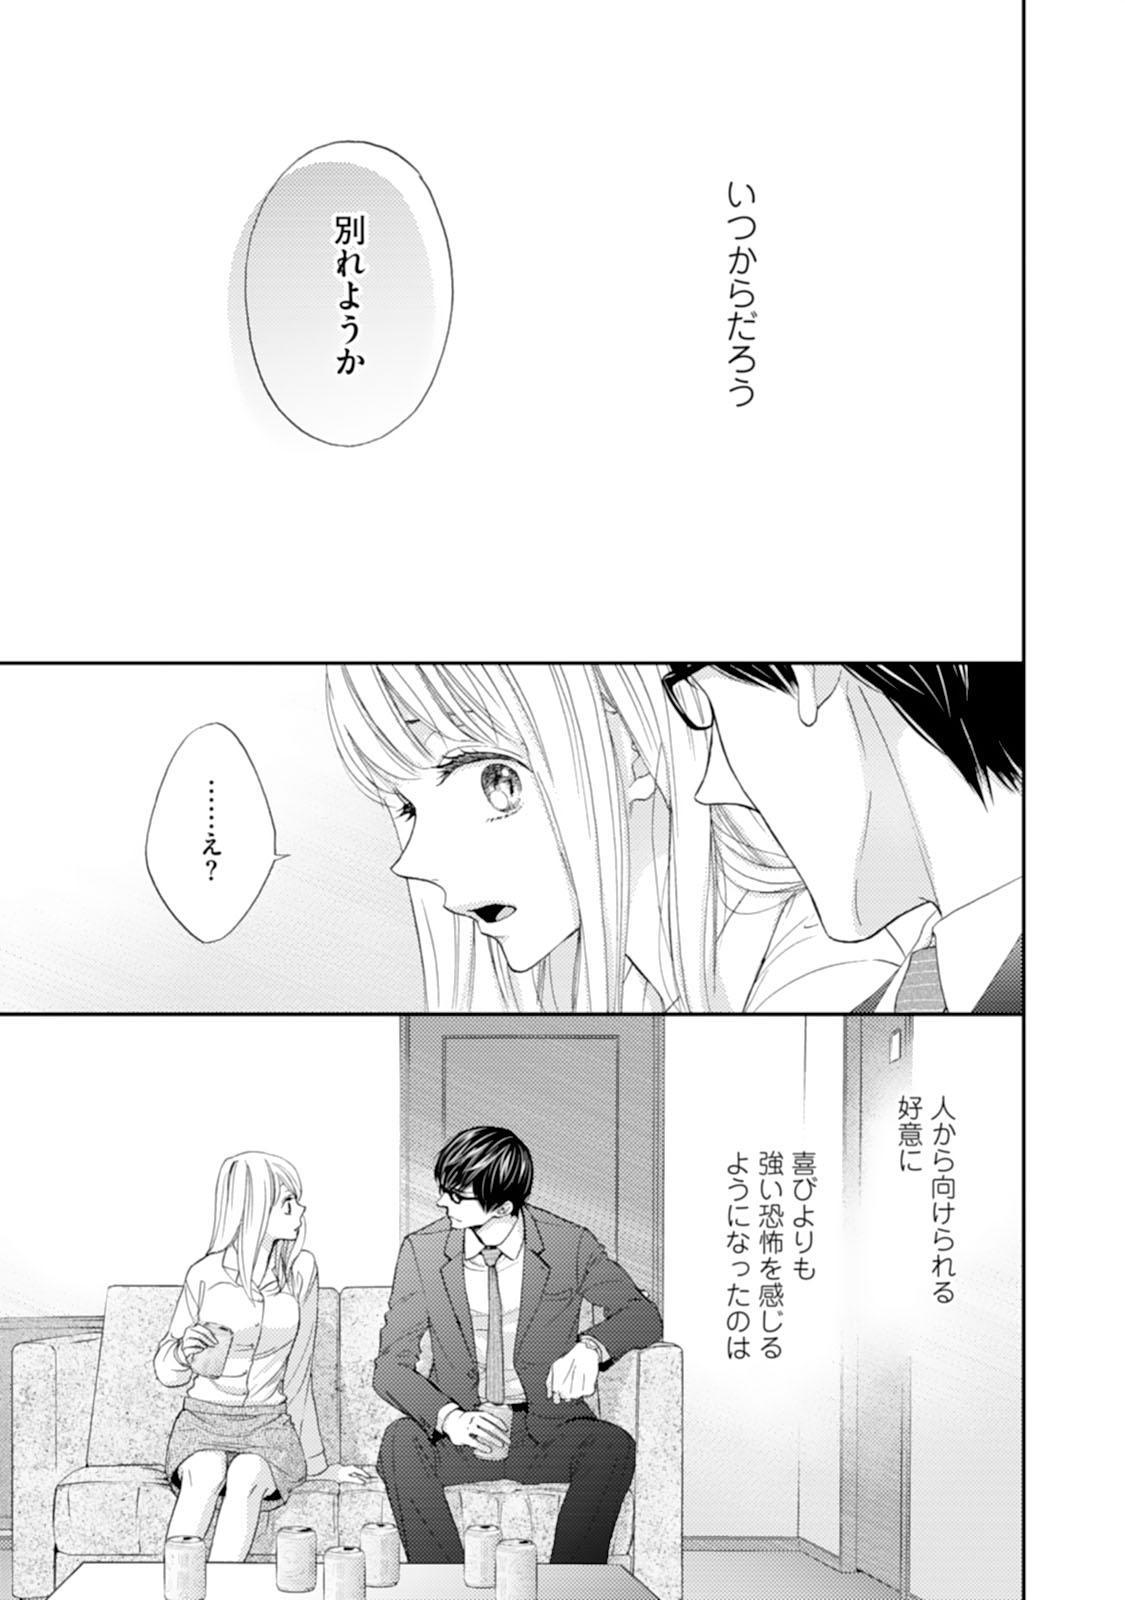 [Adumi Yuu] Choukyou-kei Danshi Ookami-sama to Koneko-chan Ch. 1-3 2